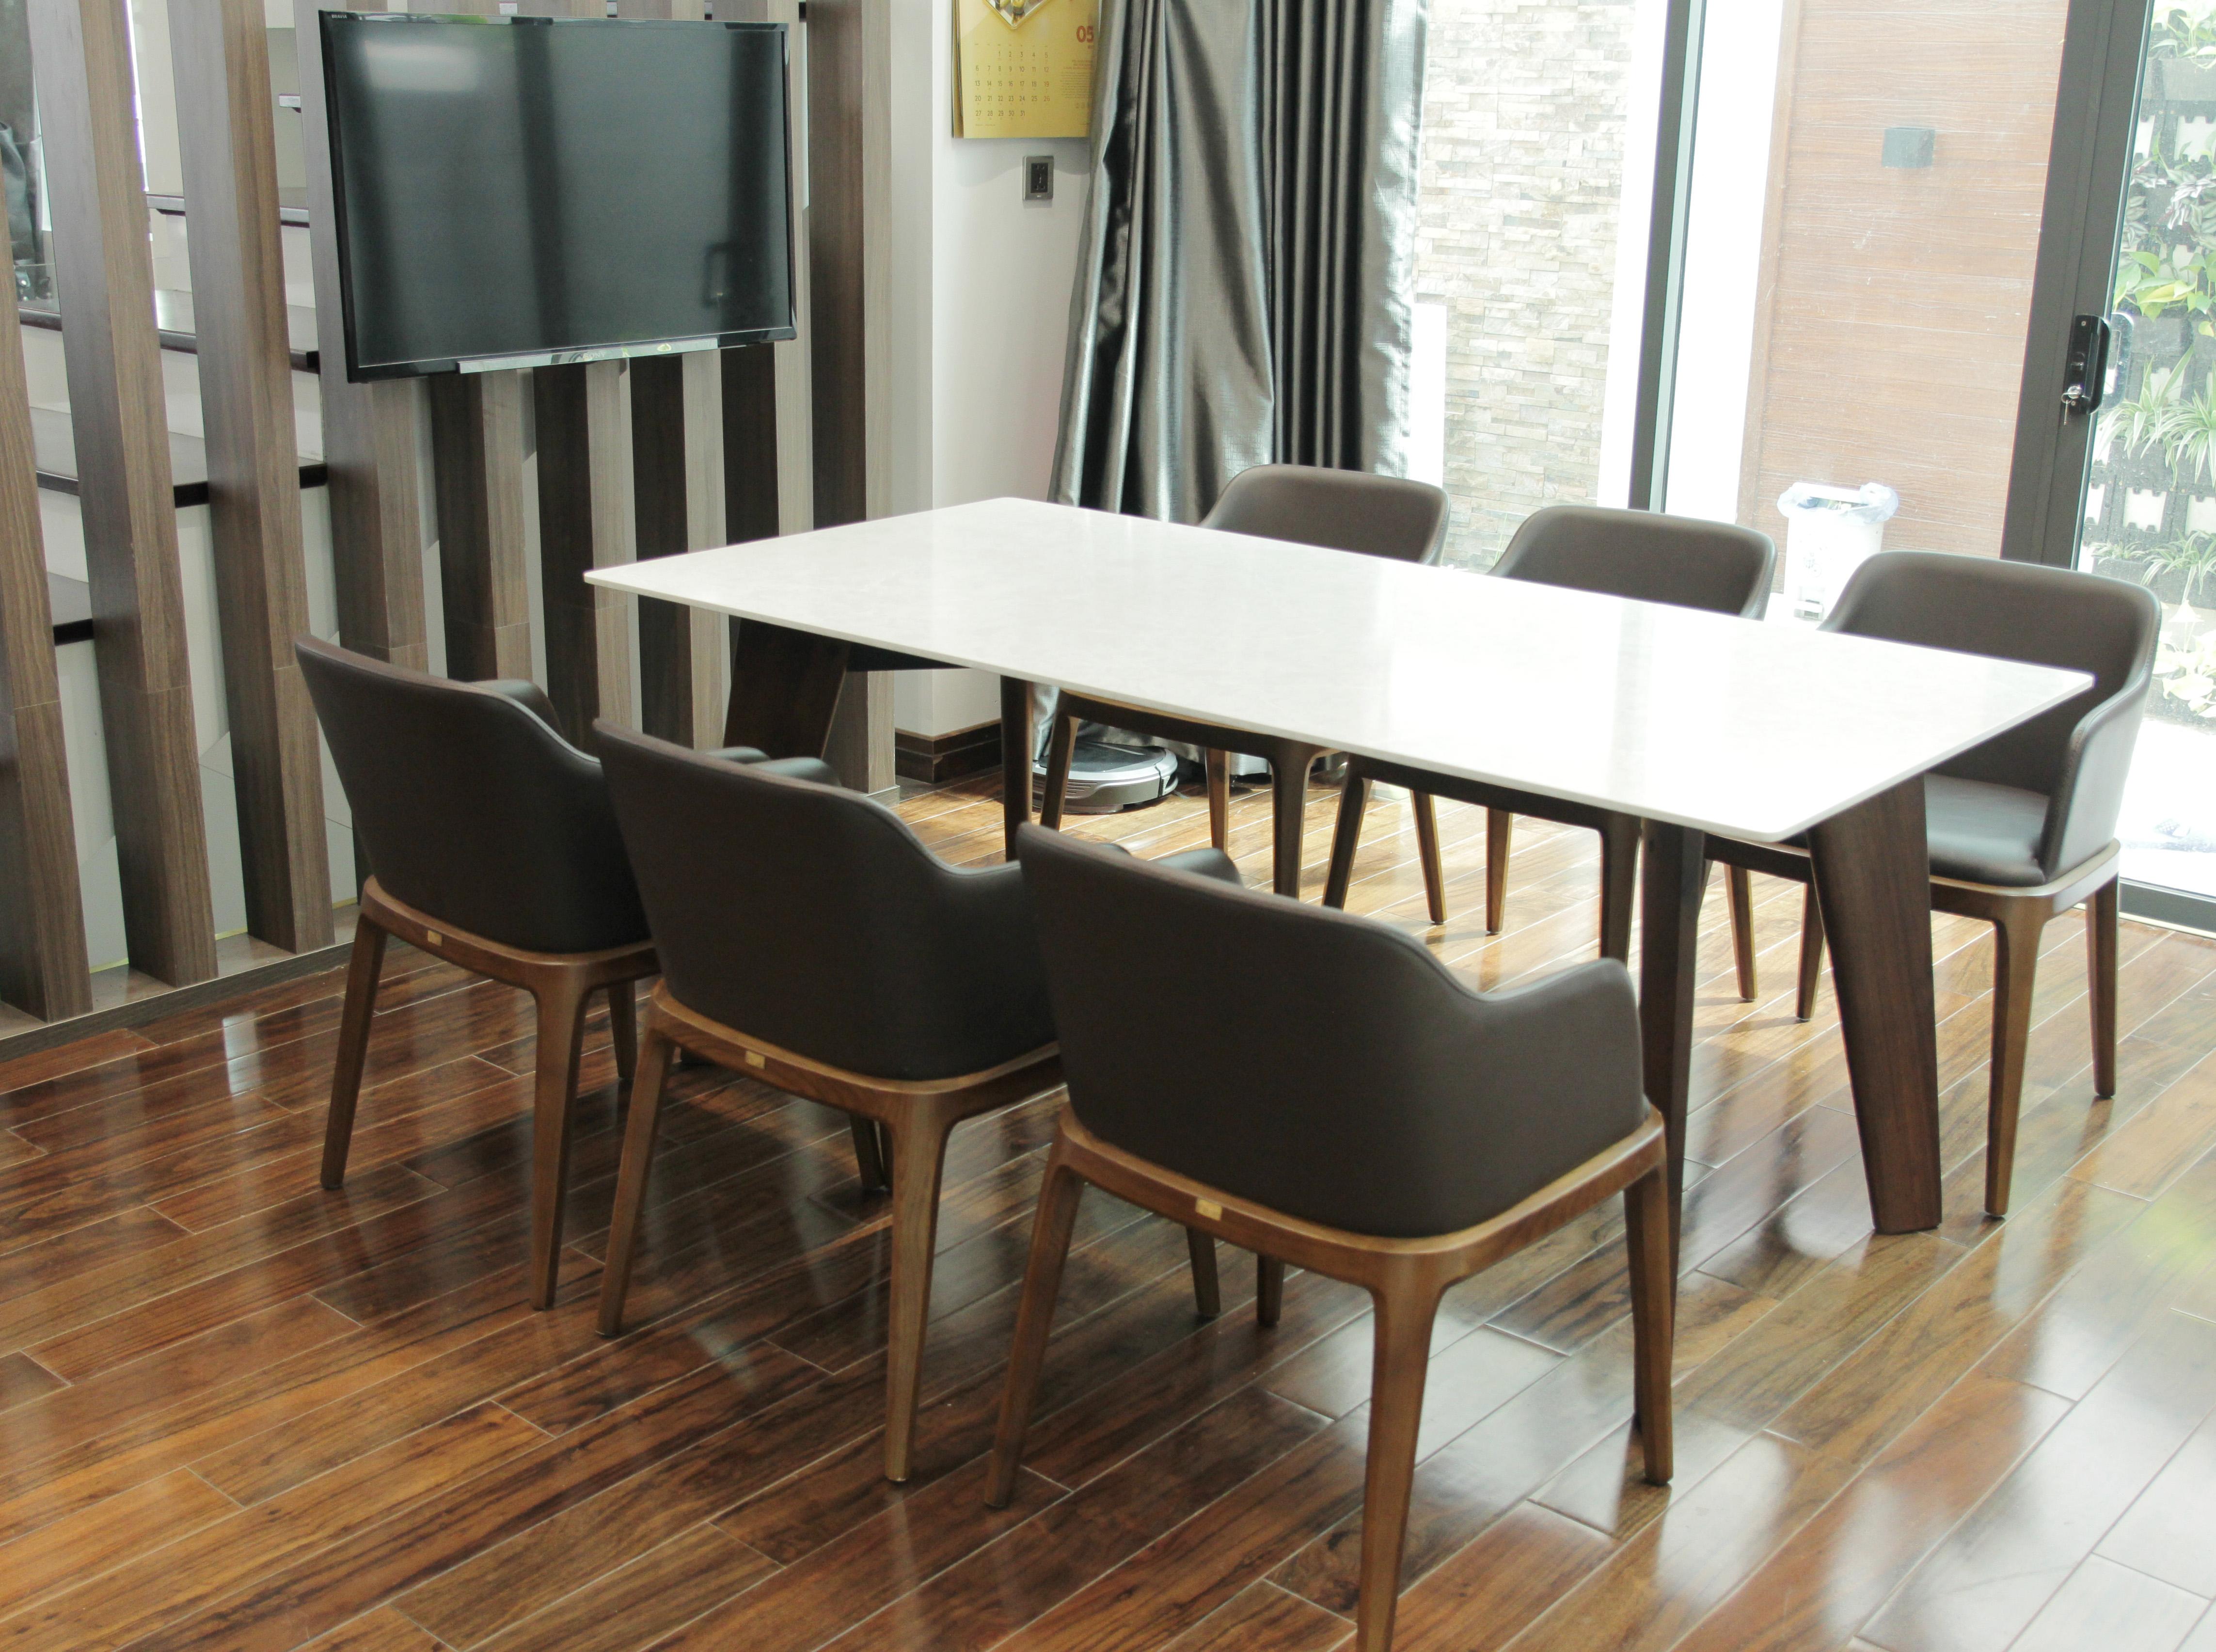 Bàn Howard, ghế Grace - Bộ đôi bàn ghế ăn hoàn hảo